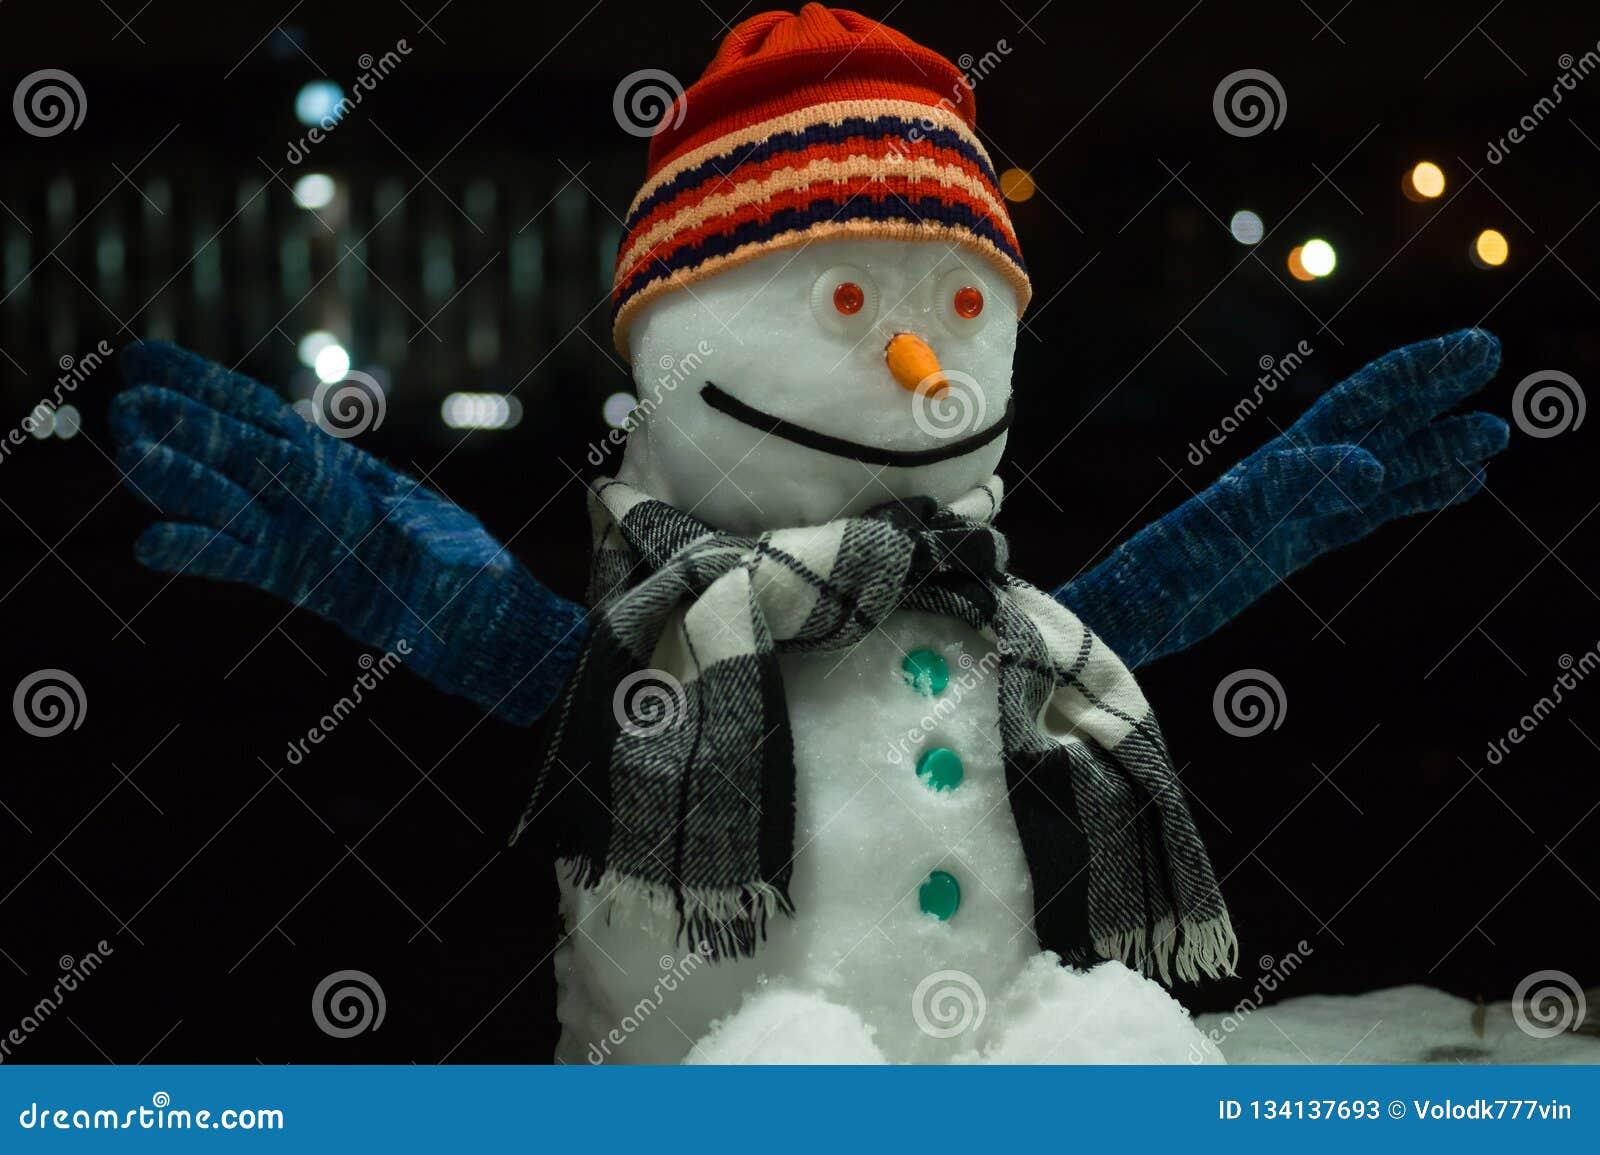 Снеговик смешной снеговик на темной предпосылке ночи, со смелыми светами на заднем плане Новый Год 2019